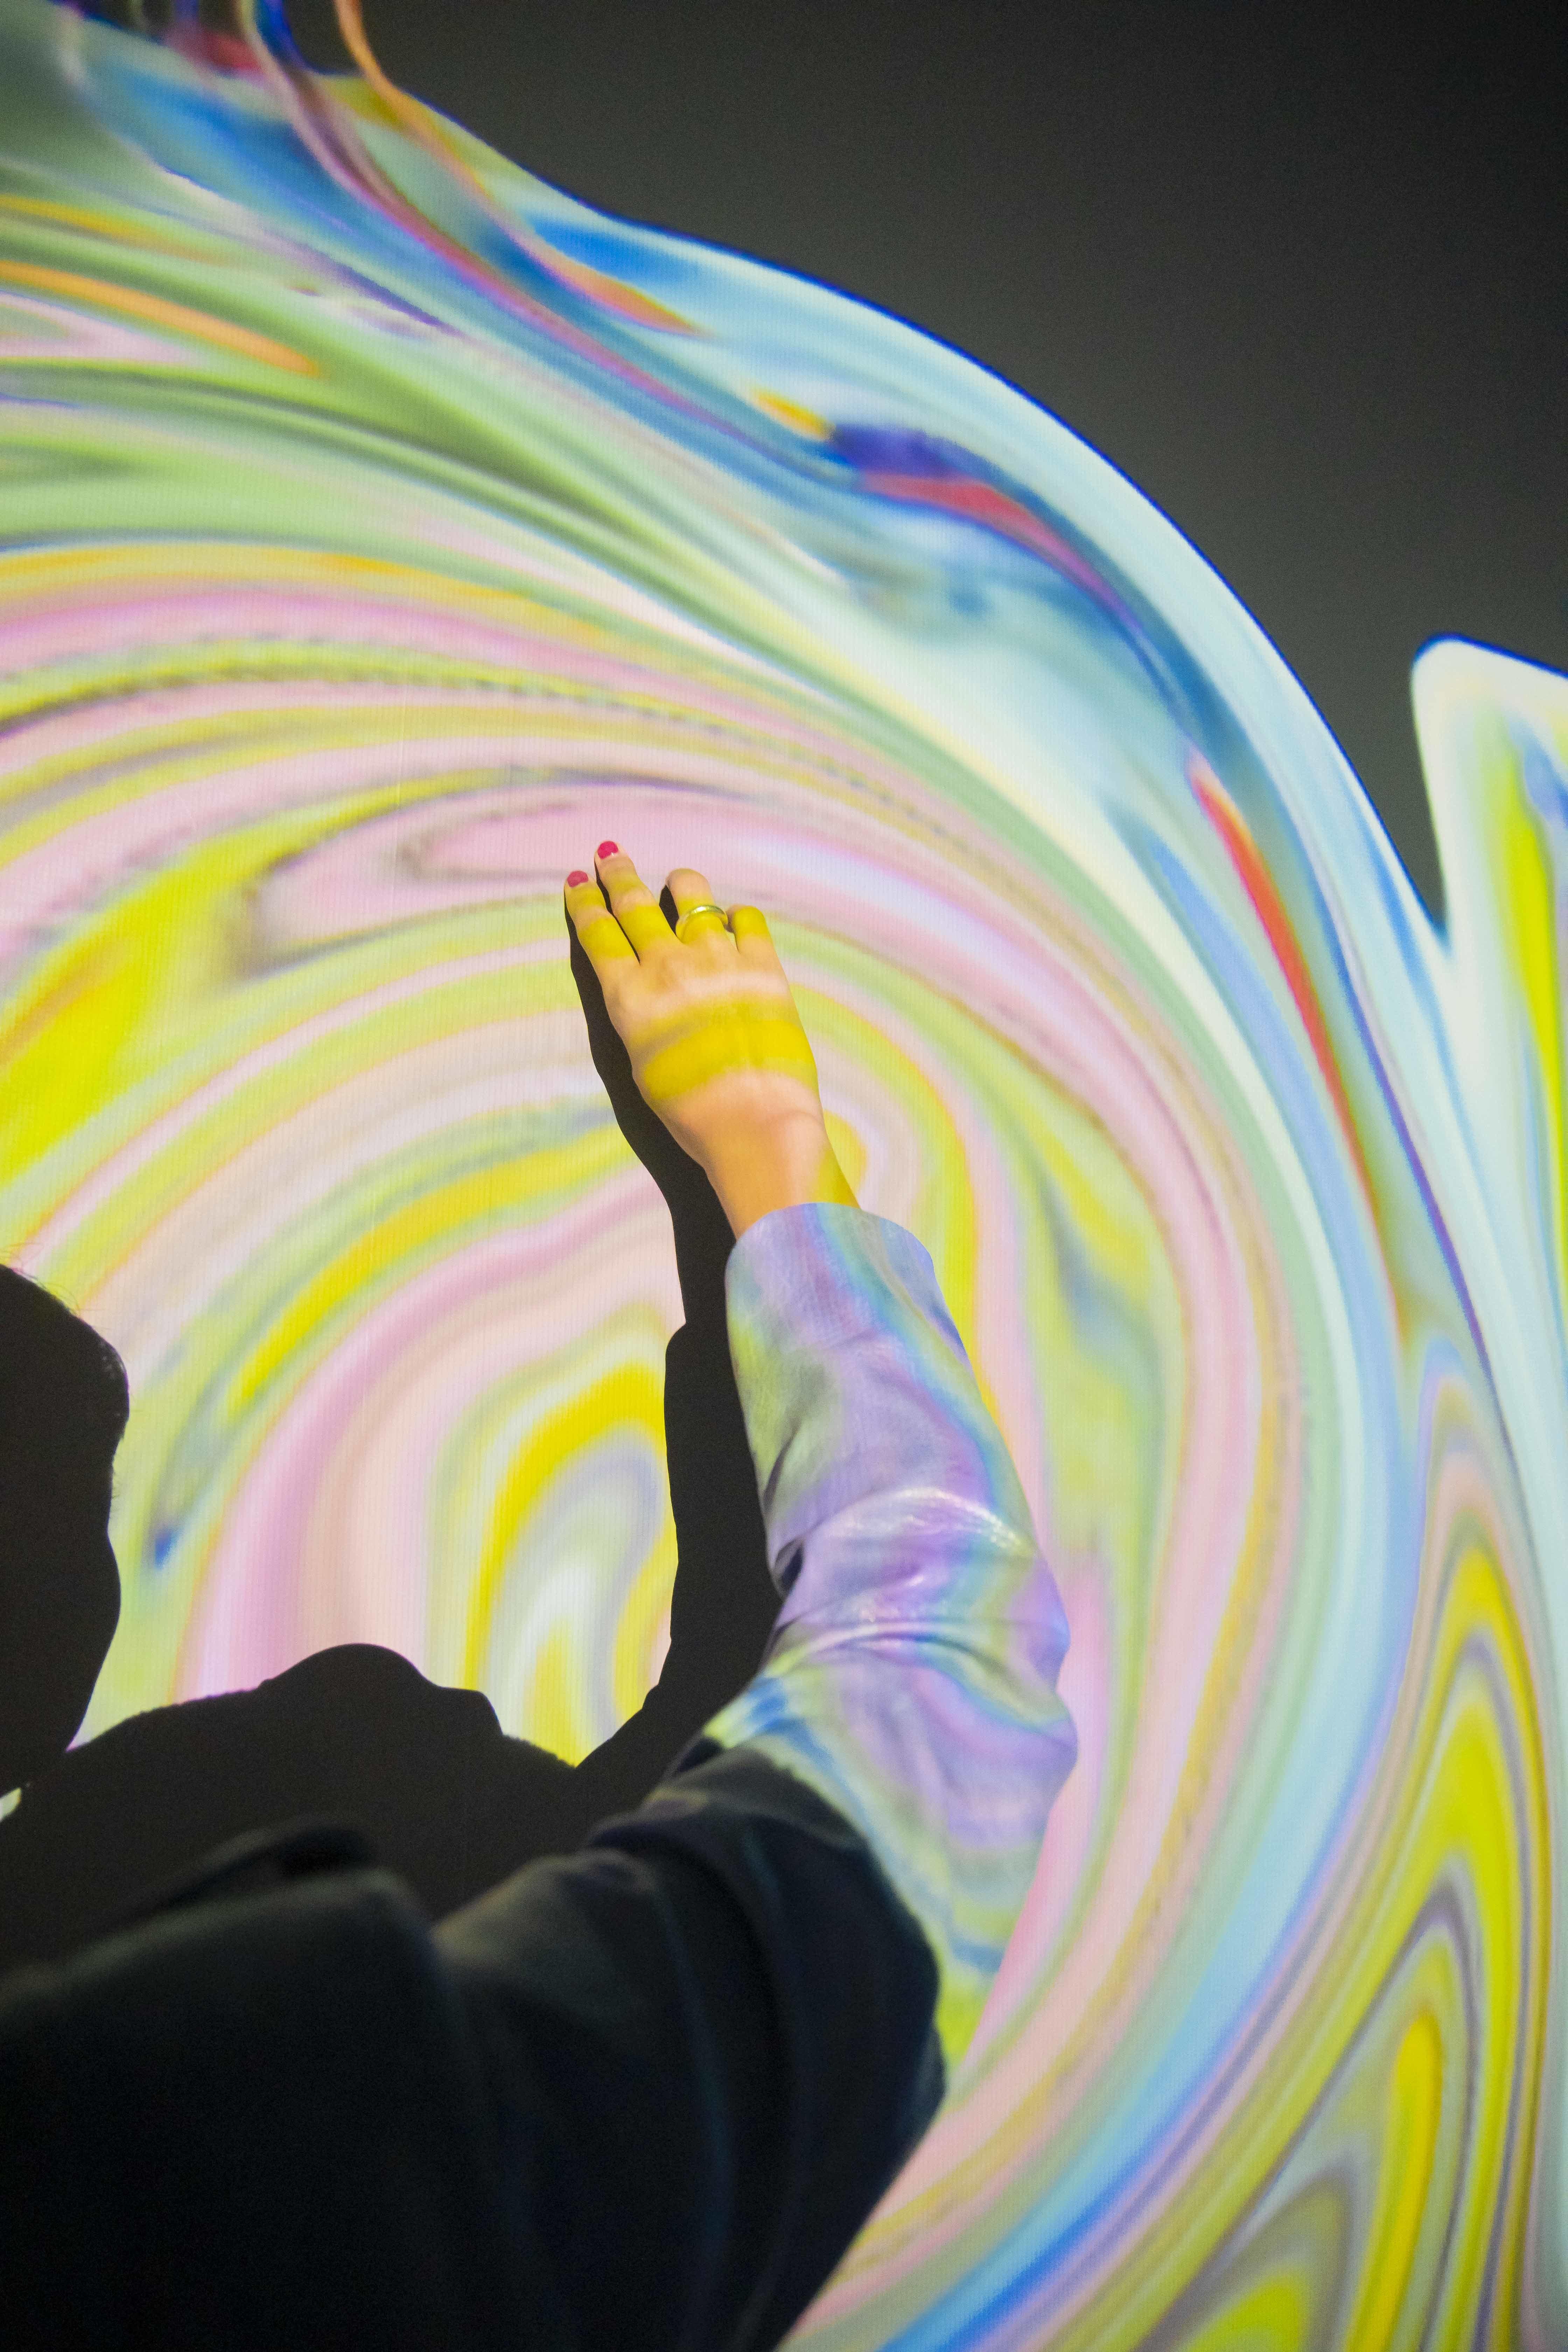 手の動きにあわせて壁面の色が混ざり合っていく。